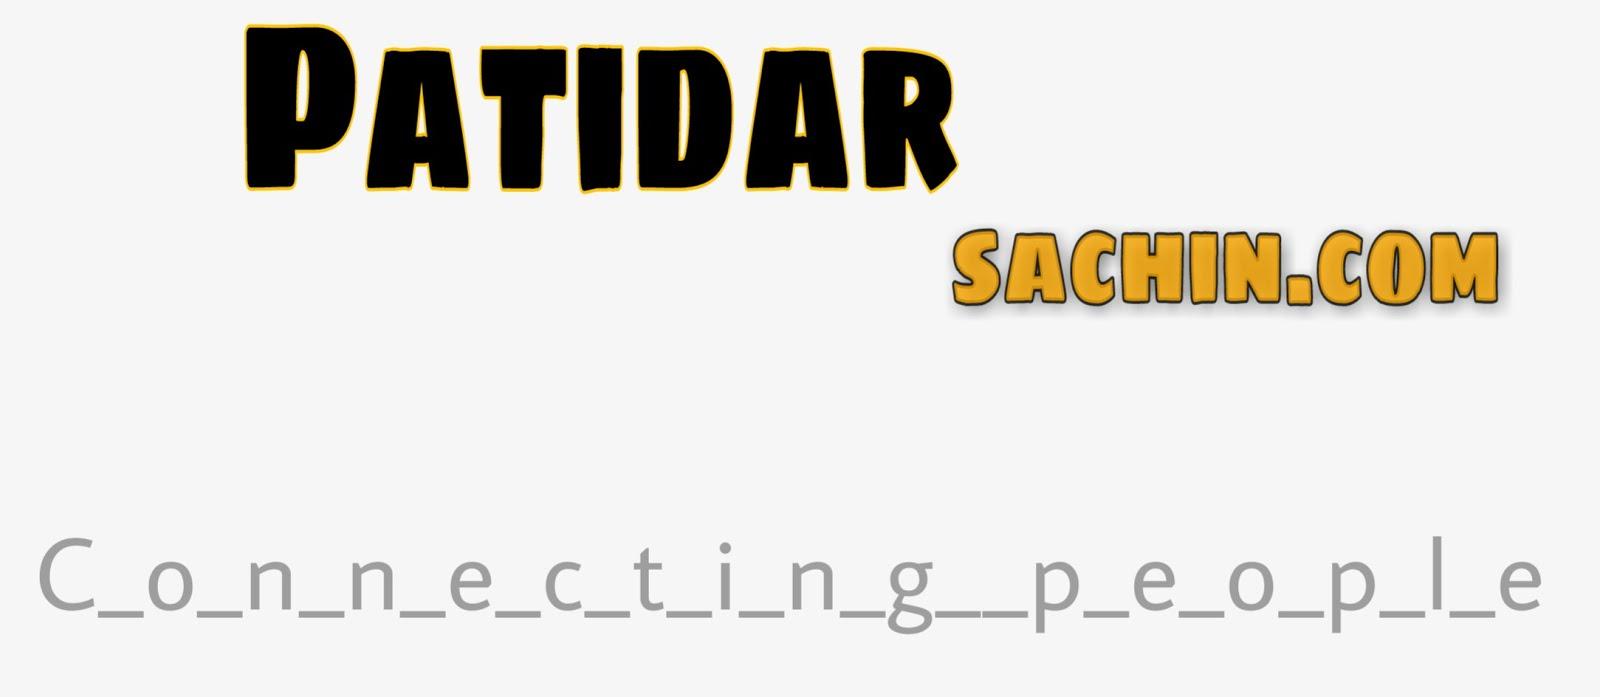 Patidar Sachin